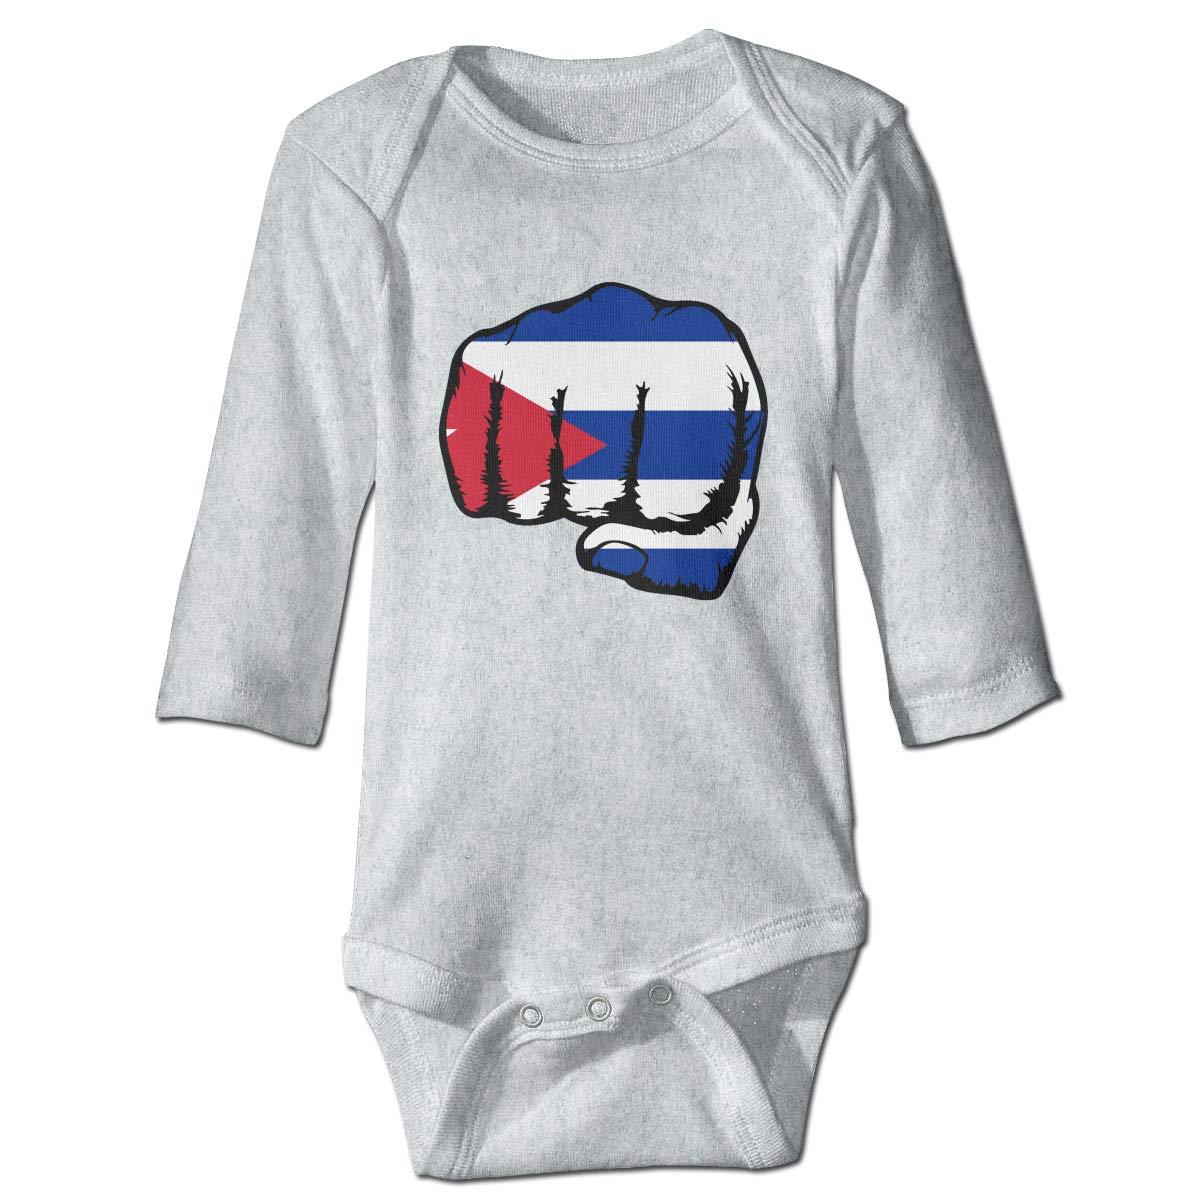 A14UBP Newborn Baby Boys Girls Long Sleeve Romper Bodysuit Blue Line Law Enforcement Cuba Flag Playsuit Outfit Clothes